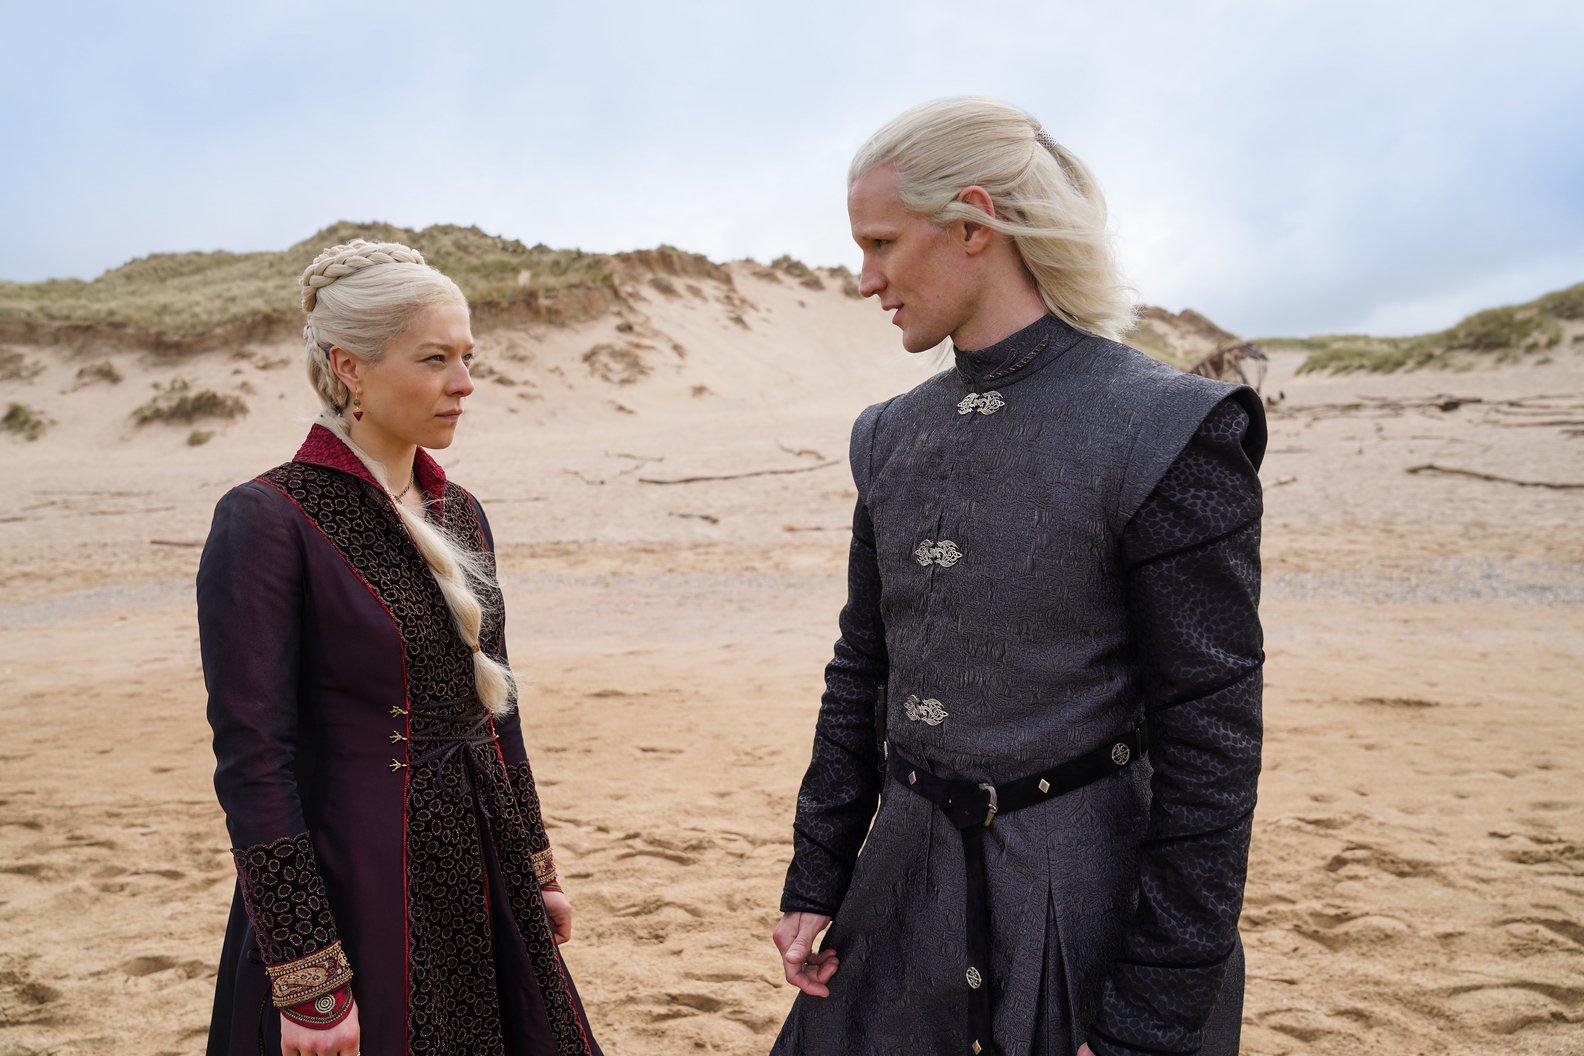 Targaryans am Strand von Westeros